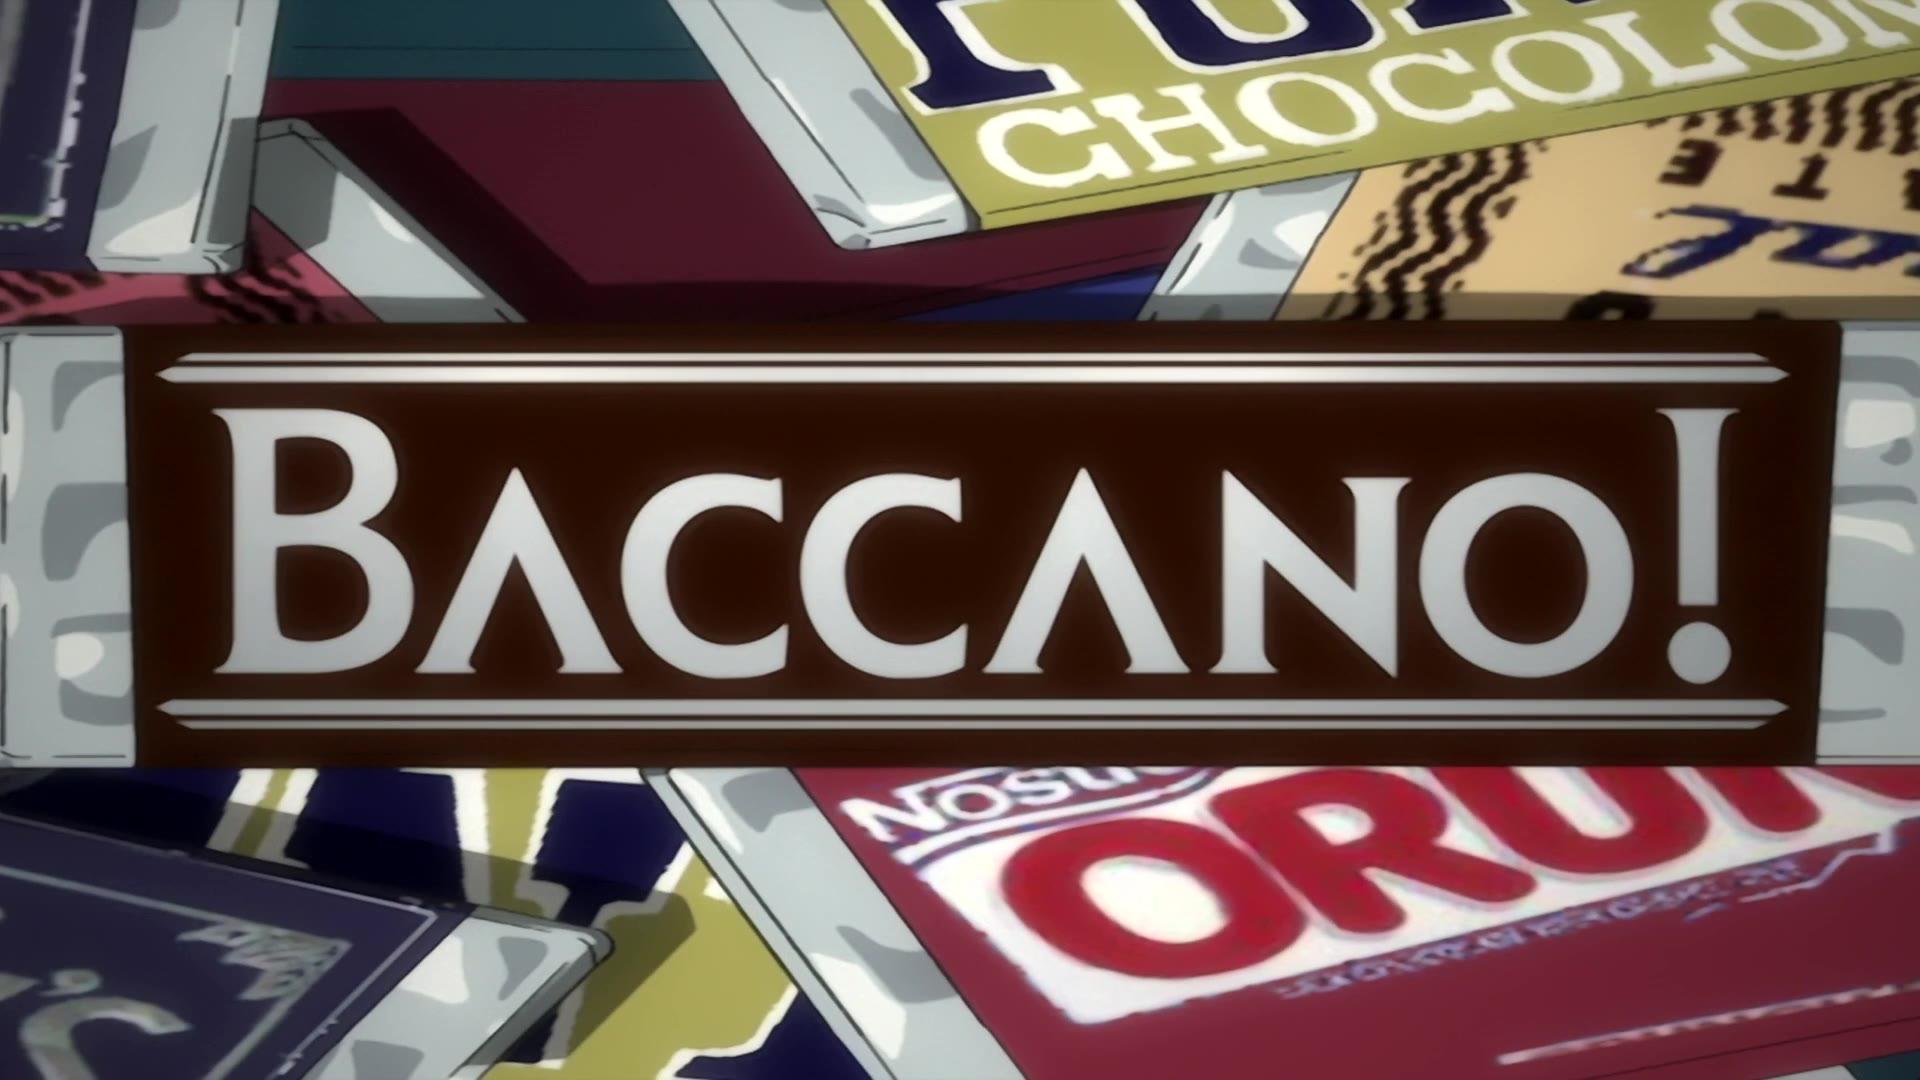 永生之酒 Baccano! NCOP&NCED